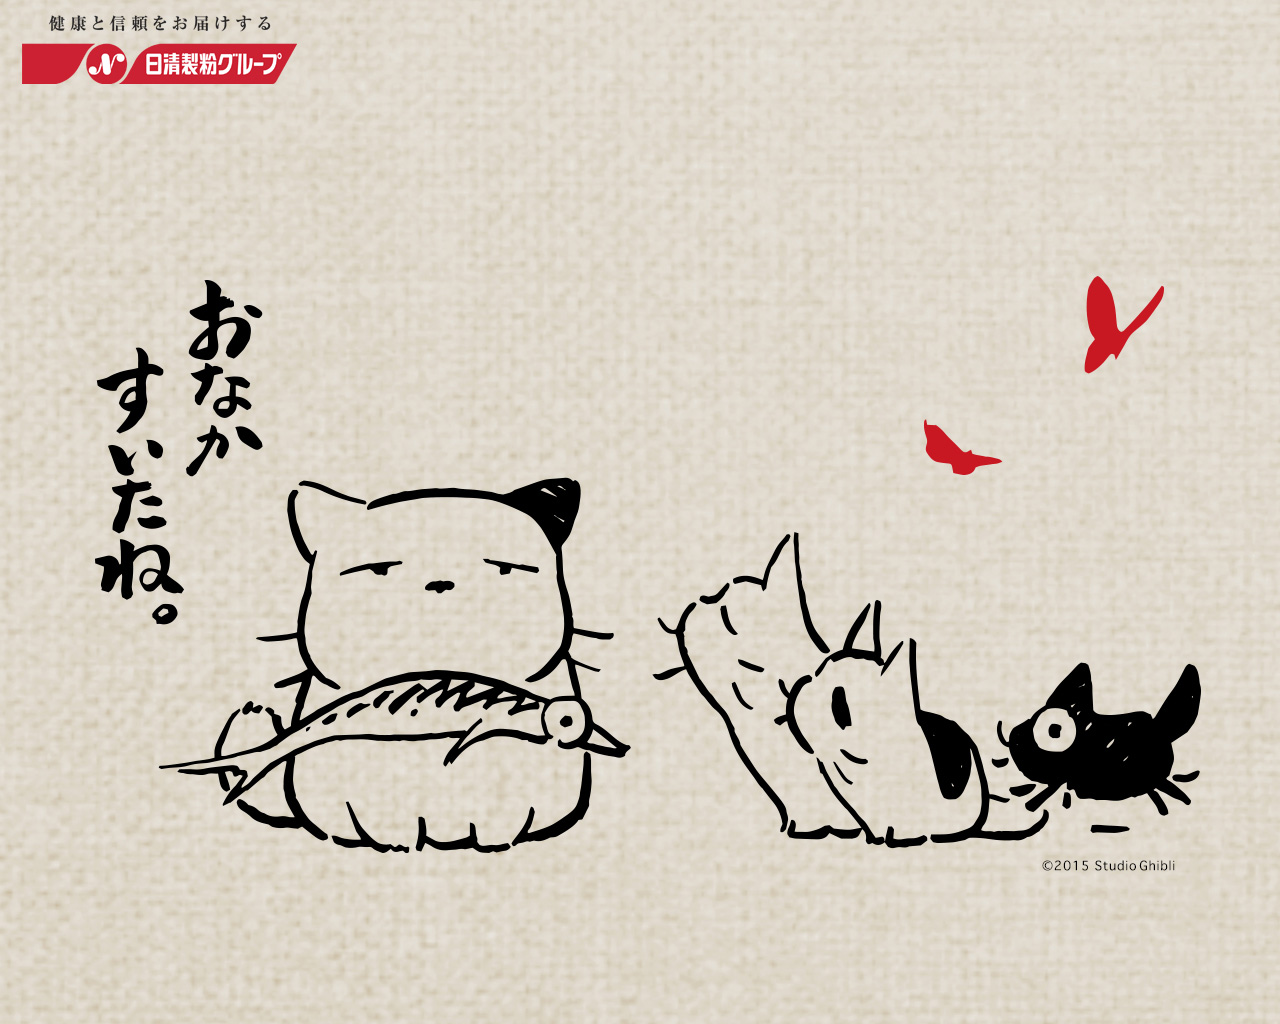 オリジナル壁紙 コニャラ 日清製粉グループオリジナル壁紙 コニャラ